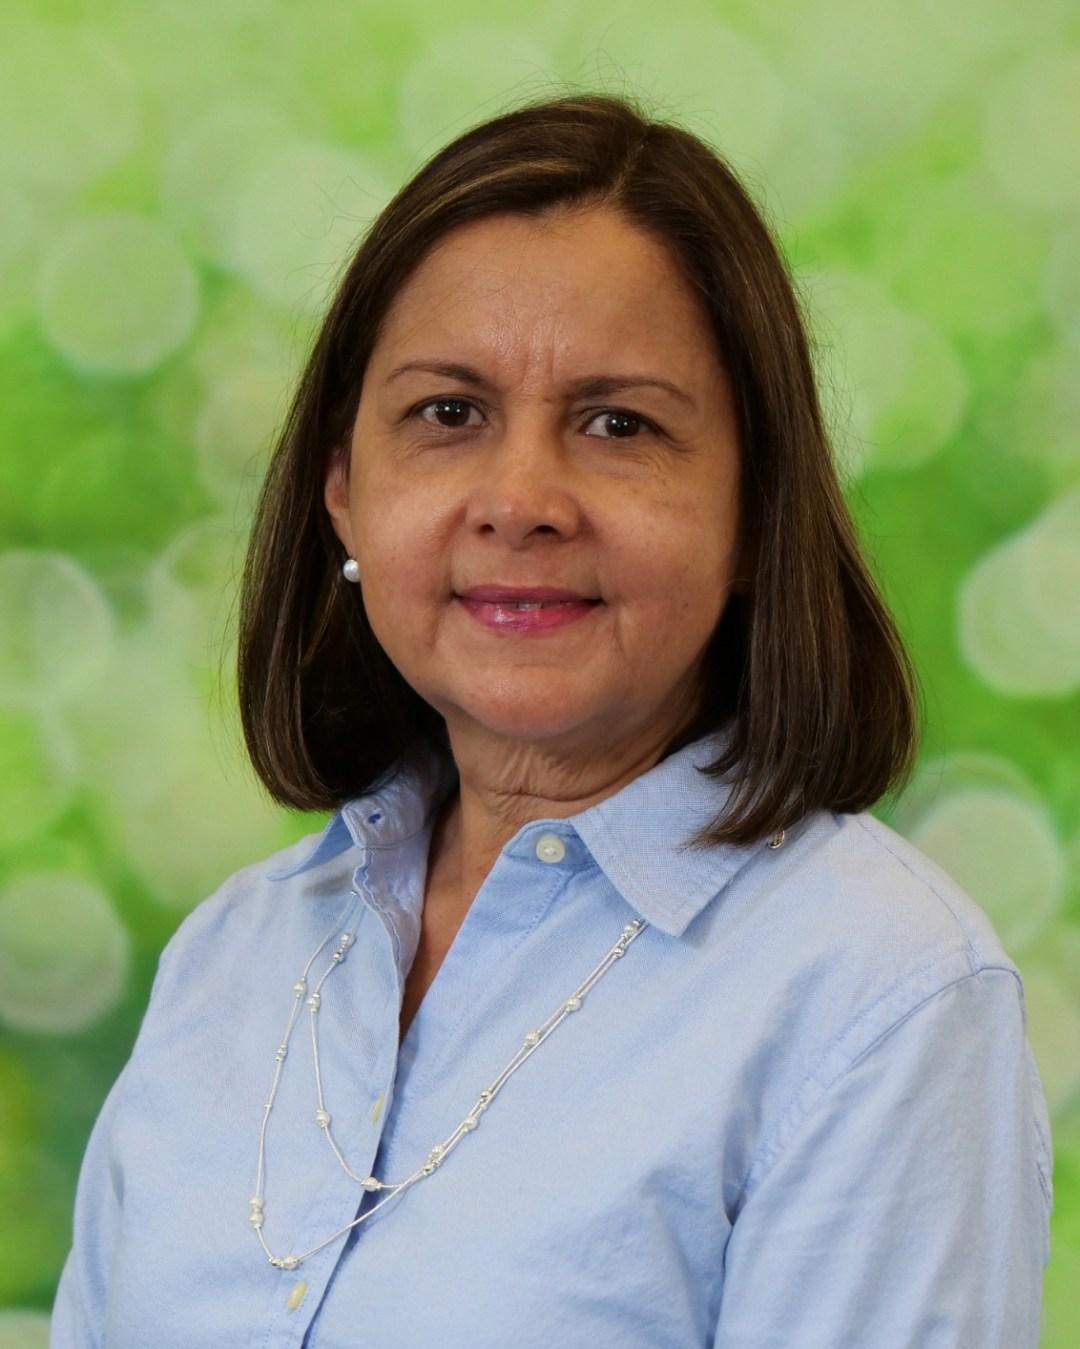 Karinna Bordas